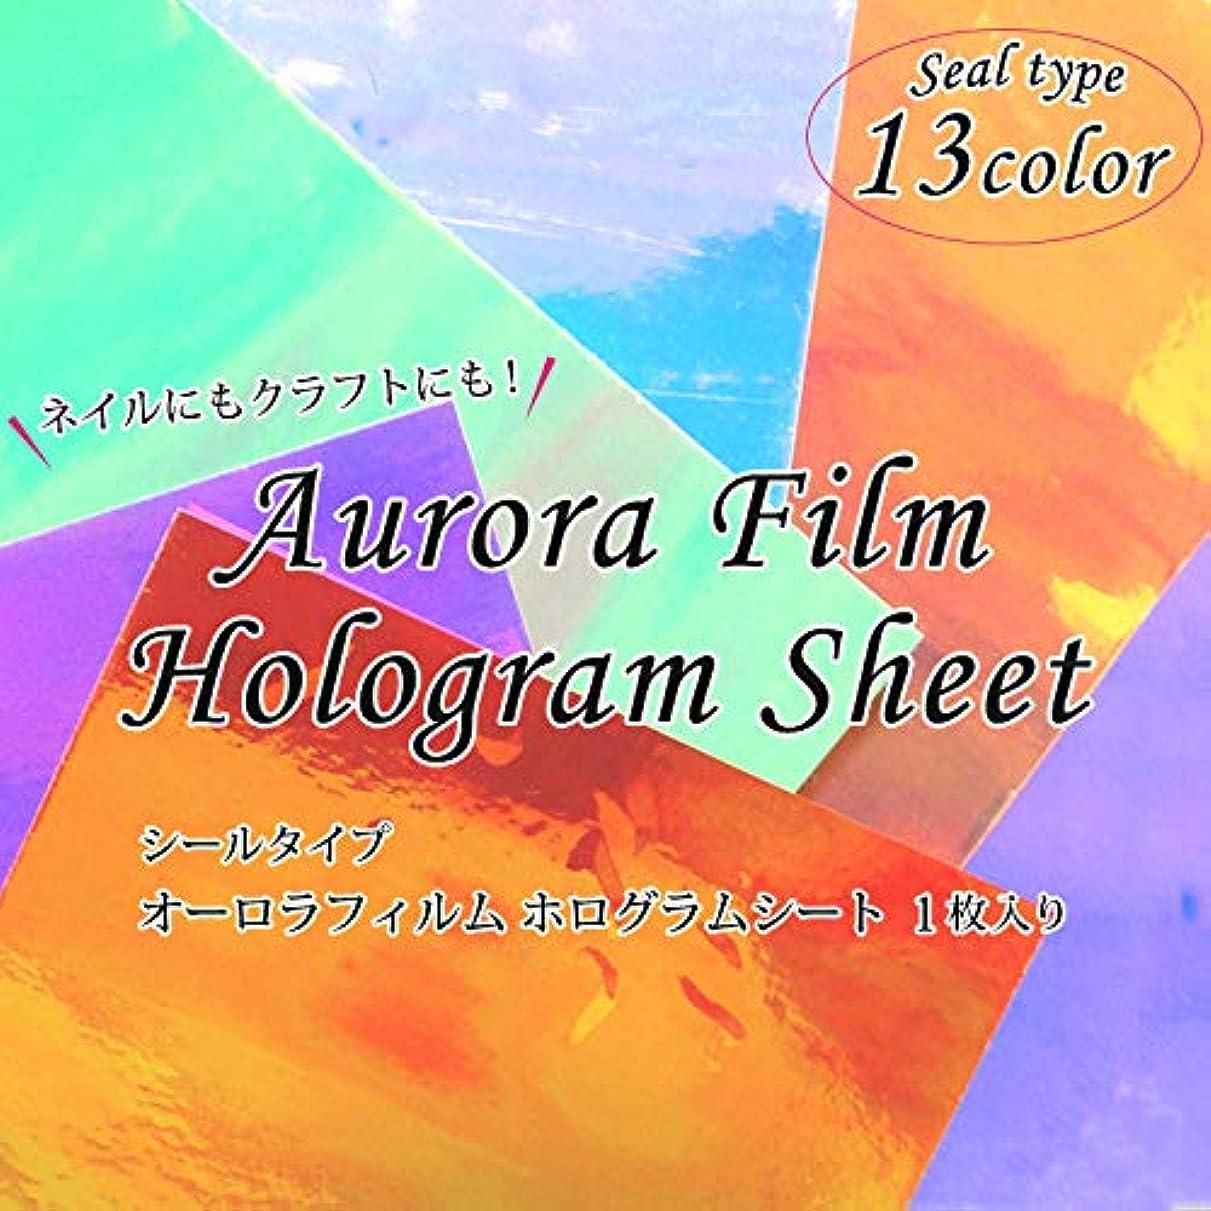 起きて思春期の舗装するシールタイプ オーロラフィルム ホログラムシート 1枚入り (11.シール ブルー)